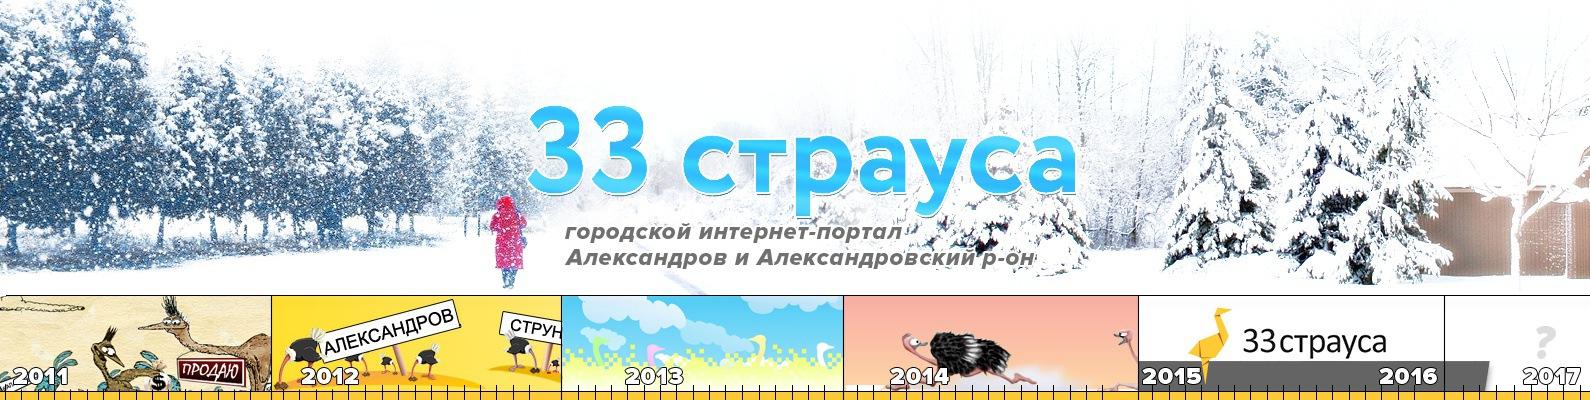 Работа александров свежие вакансии 33 страуса разместить объявление в соцсетях